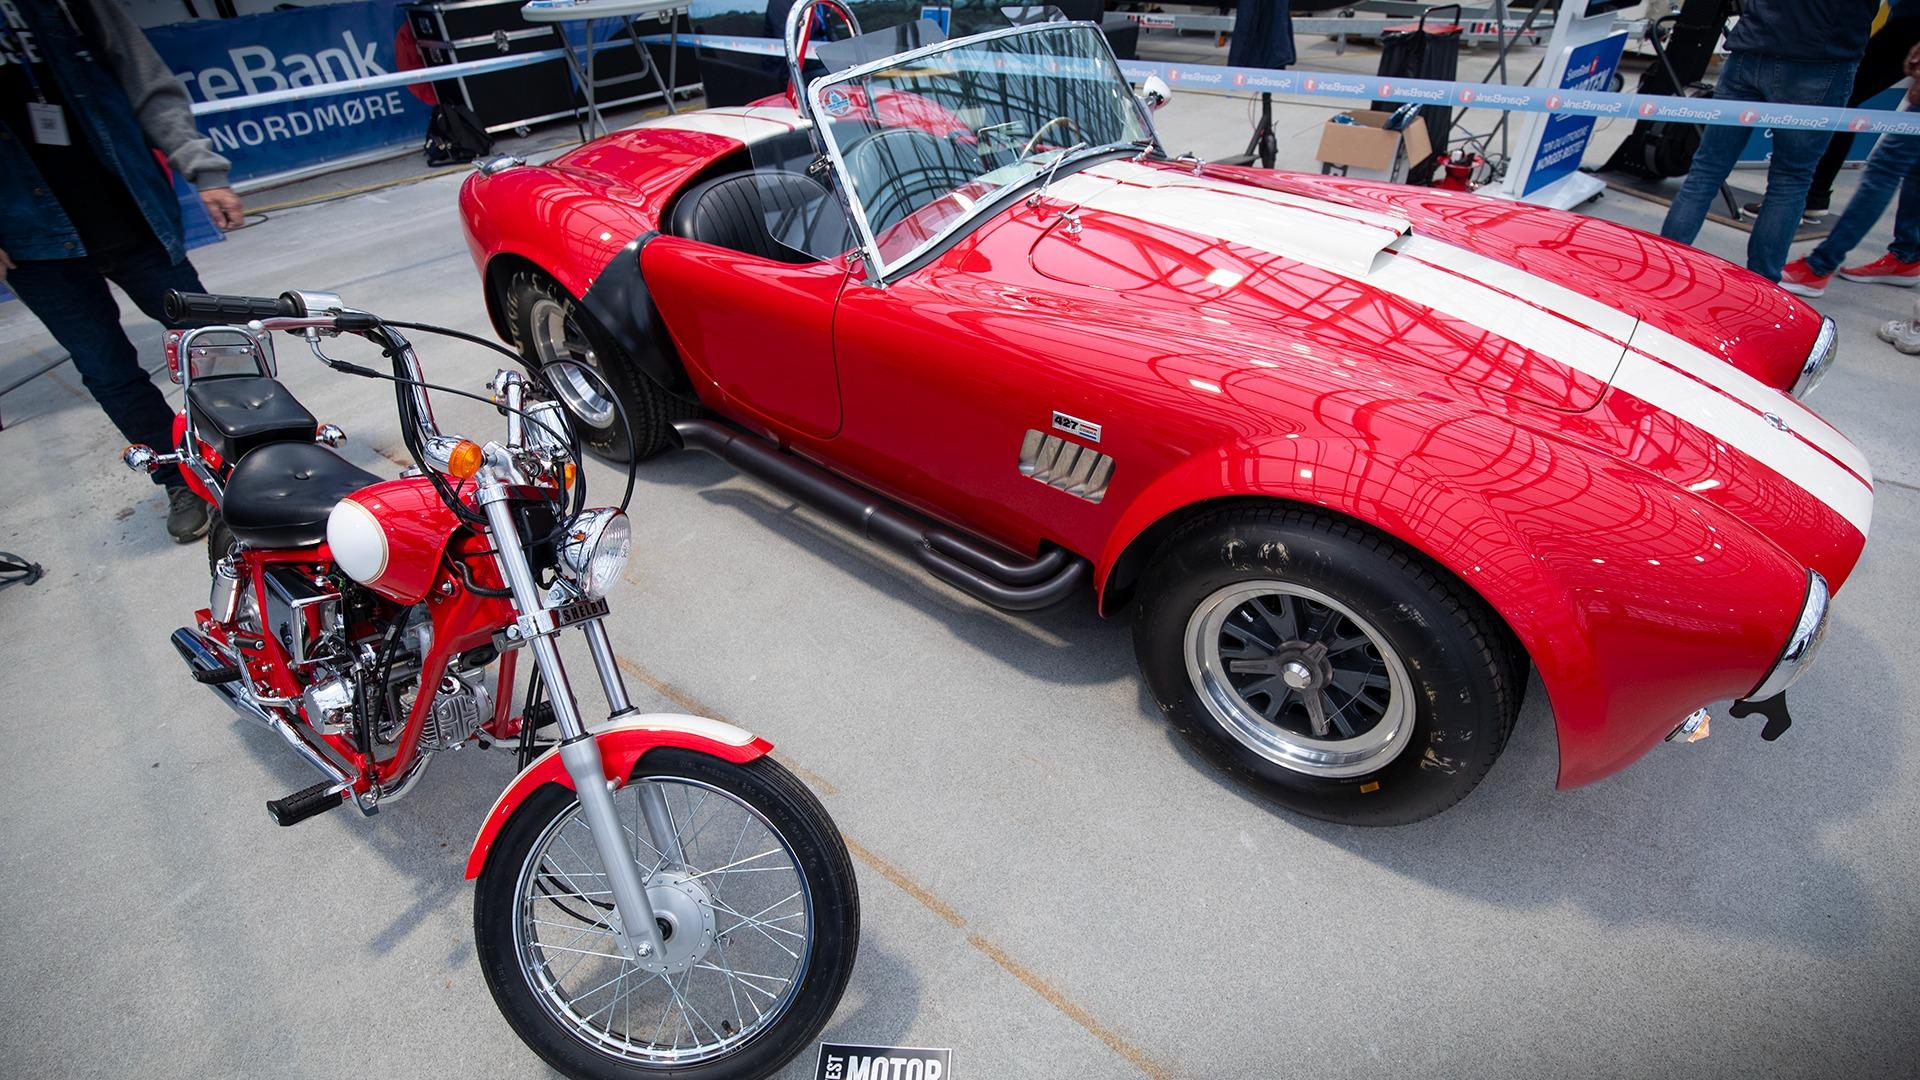 427 AC Cobra sammen med noe enda mer sjeldent, nemlig en Shelby på to hjul! Begge er selvfølgelig signert av Carroll Shelby.